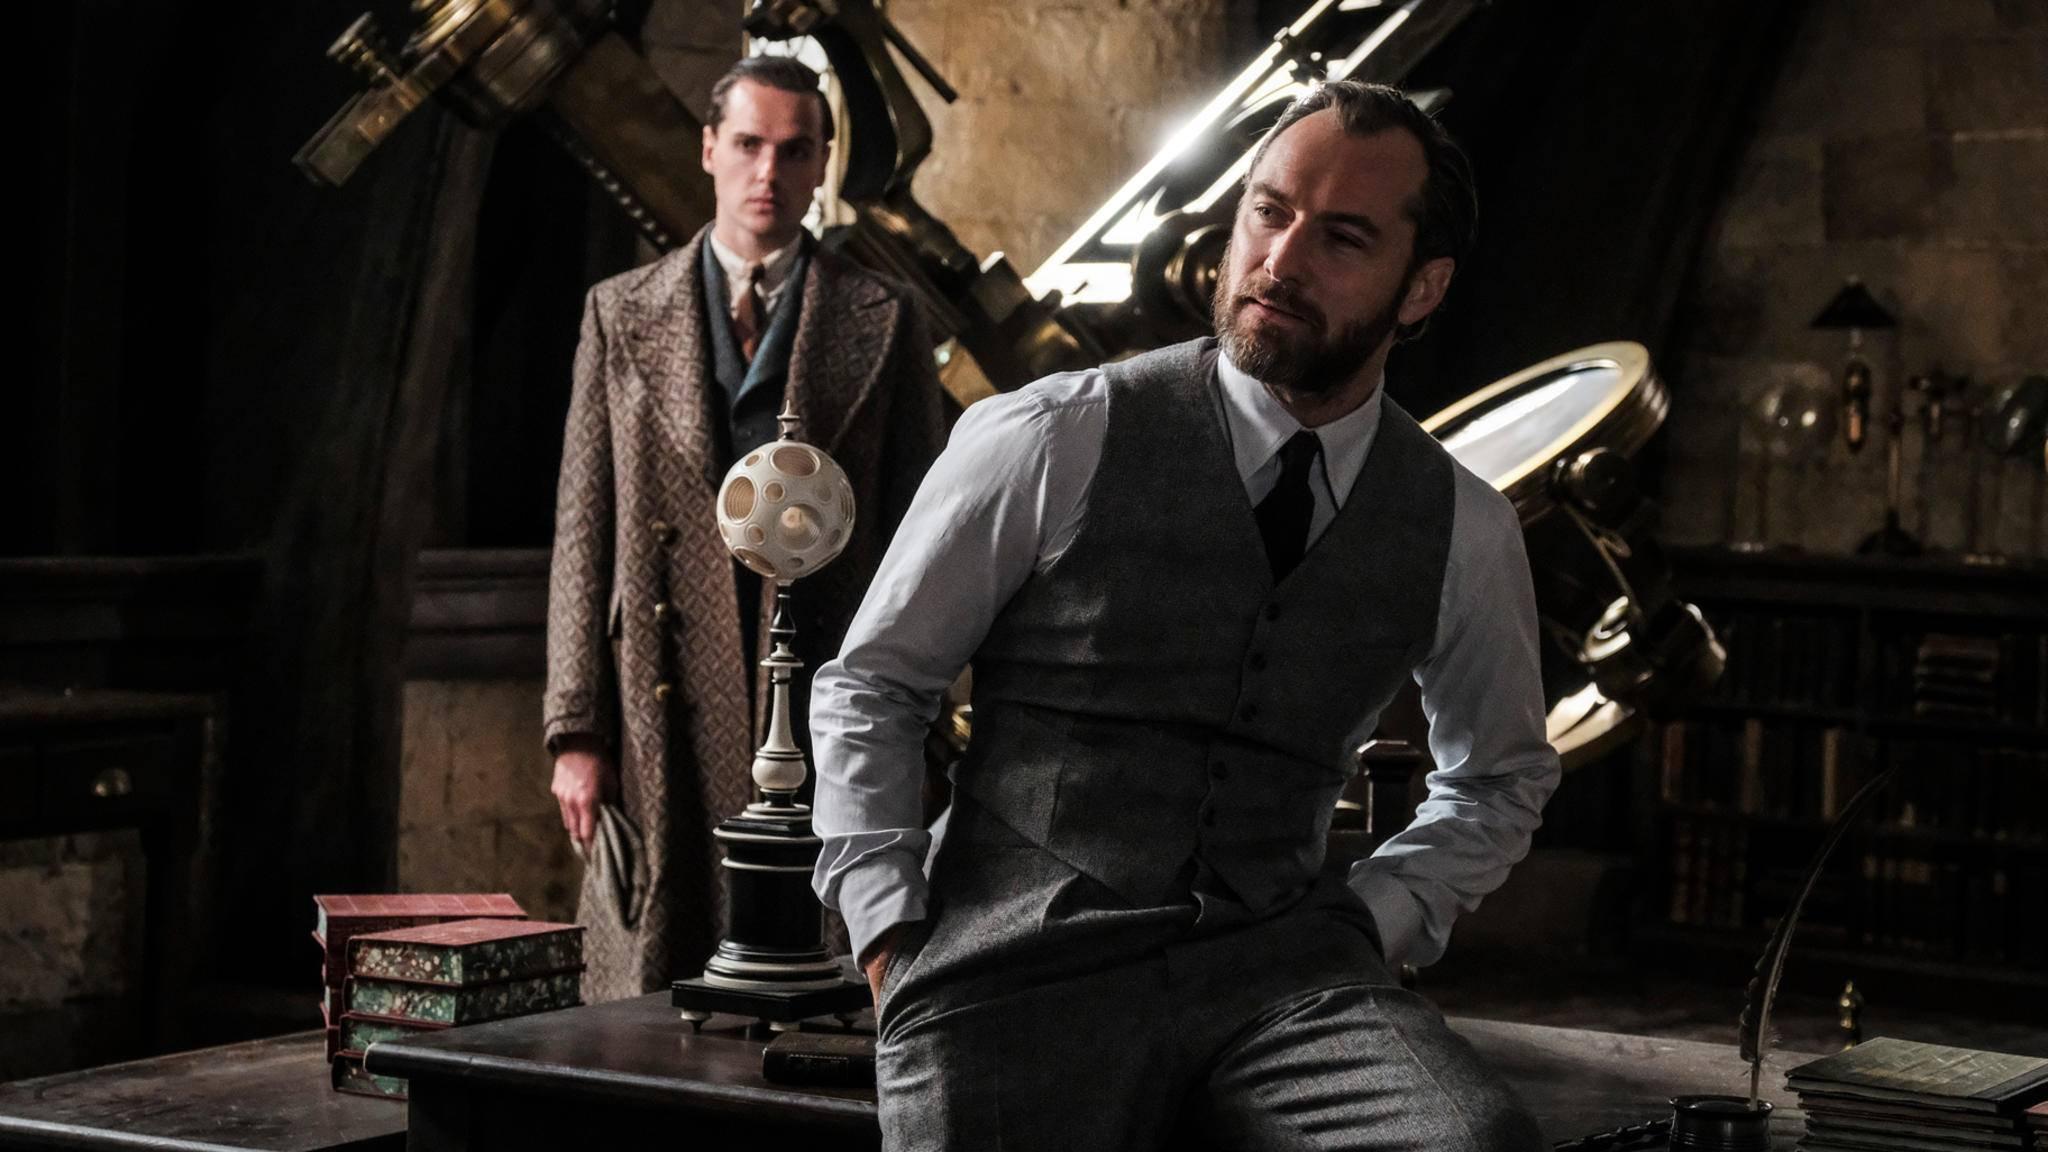 """Vielschichtiger Charakter: Dumbledore (Jude Law) zeigt in """"Phantastische Tierwesen 2"""" offenbar nicht alle seine Facetten."""